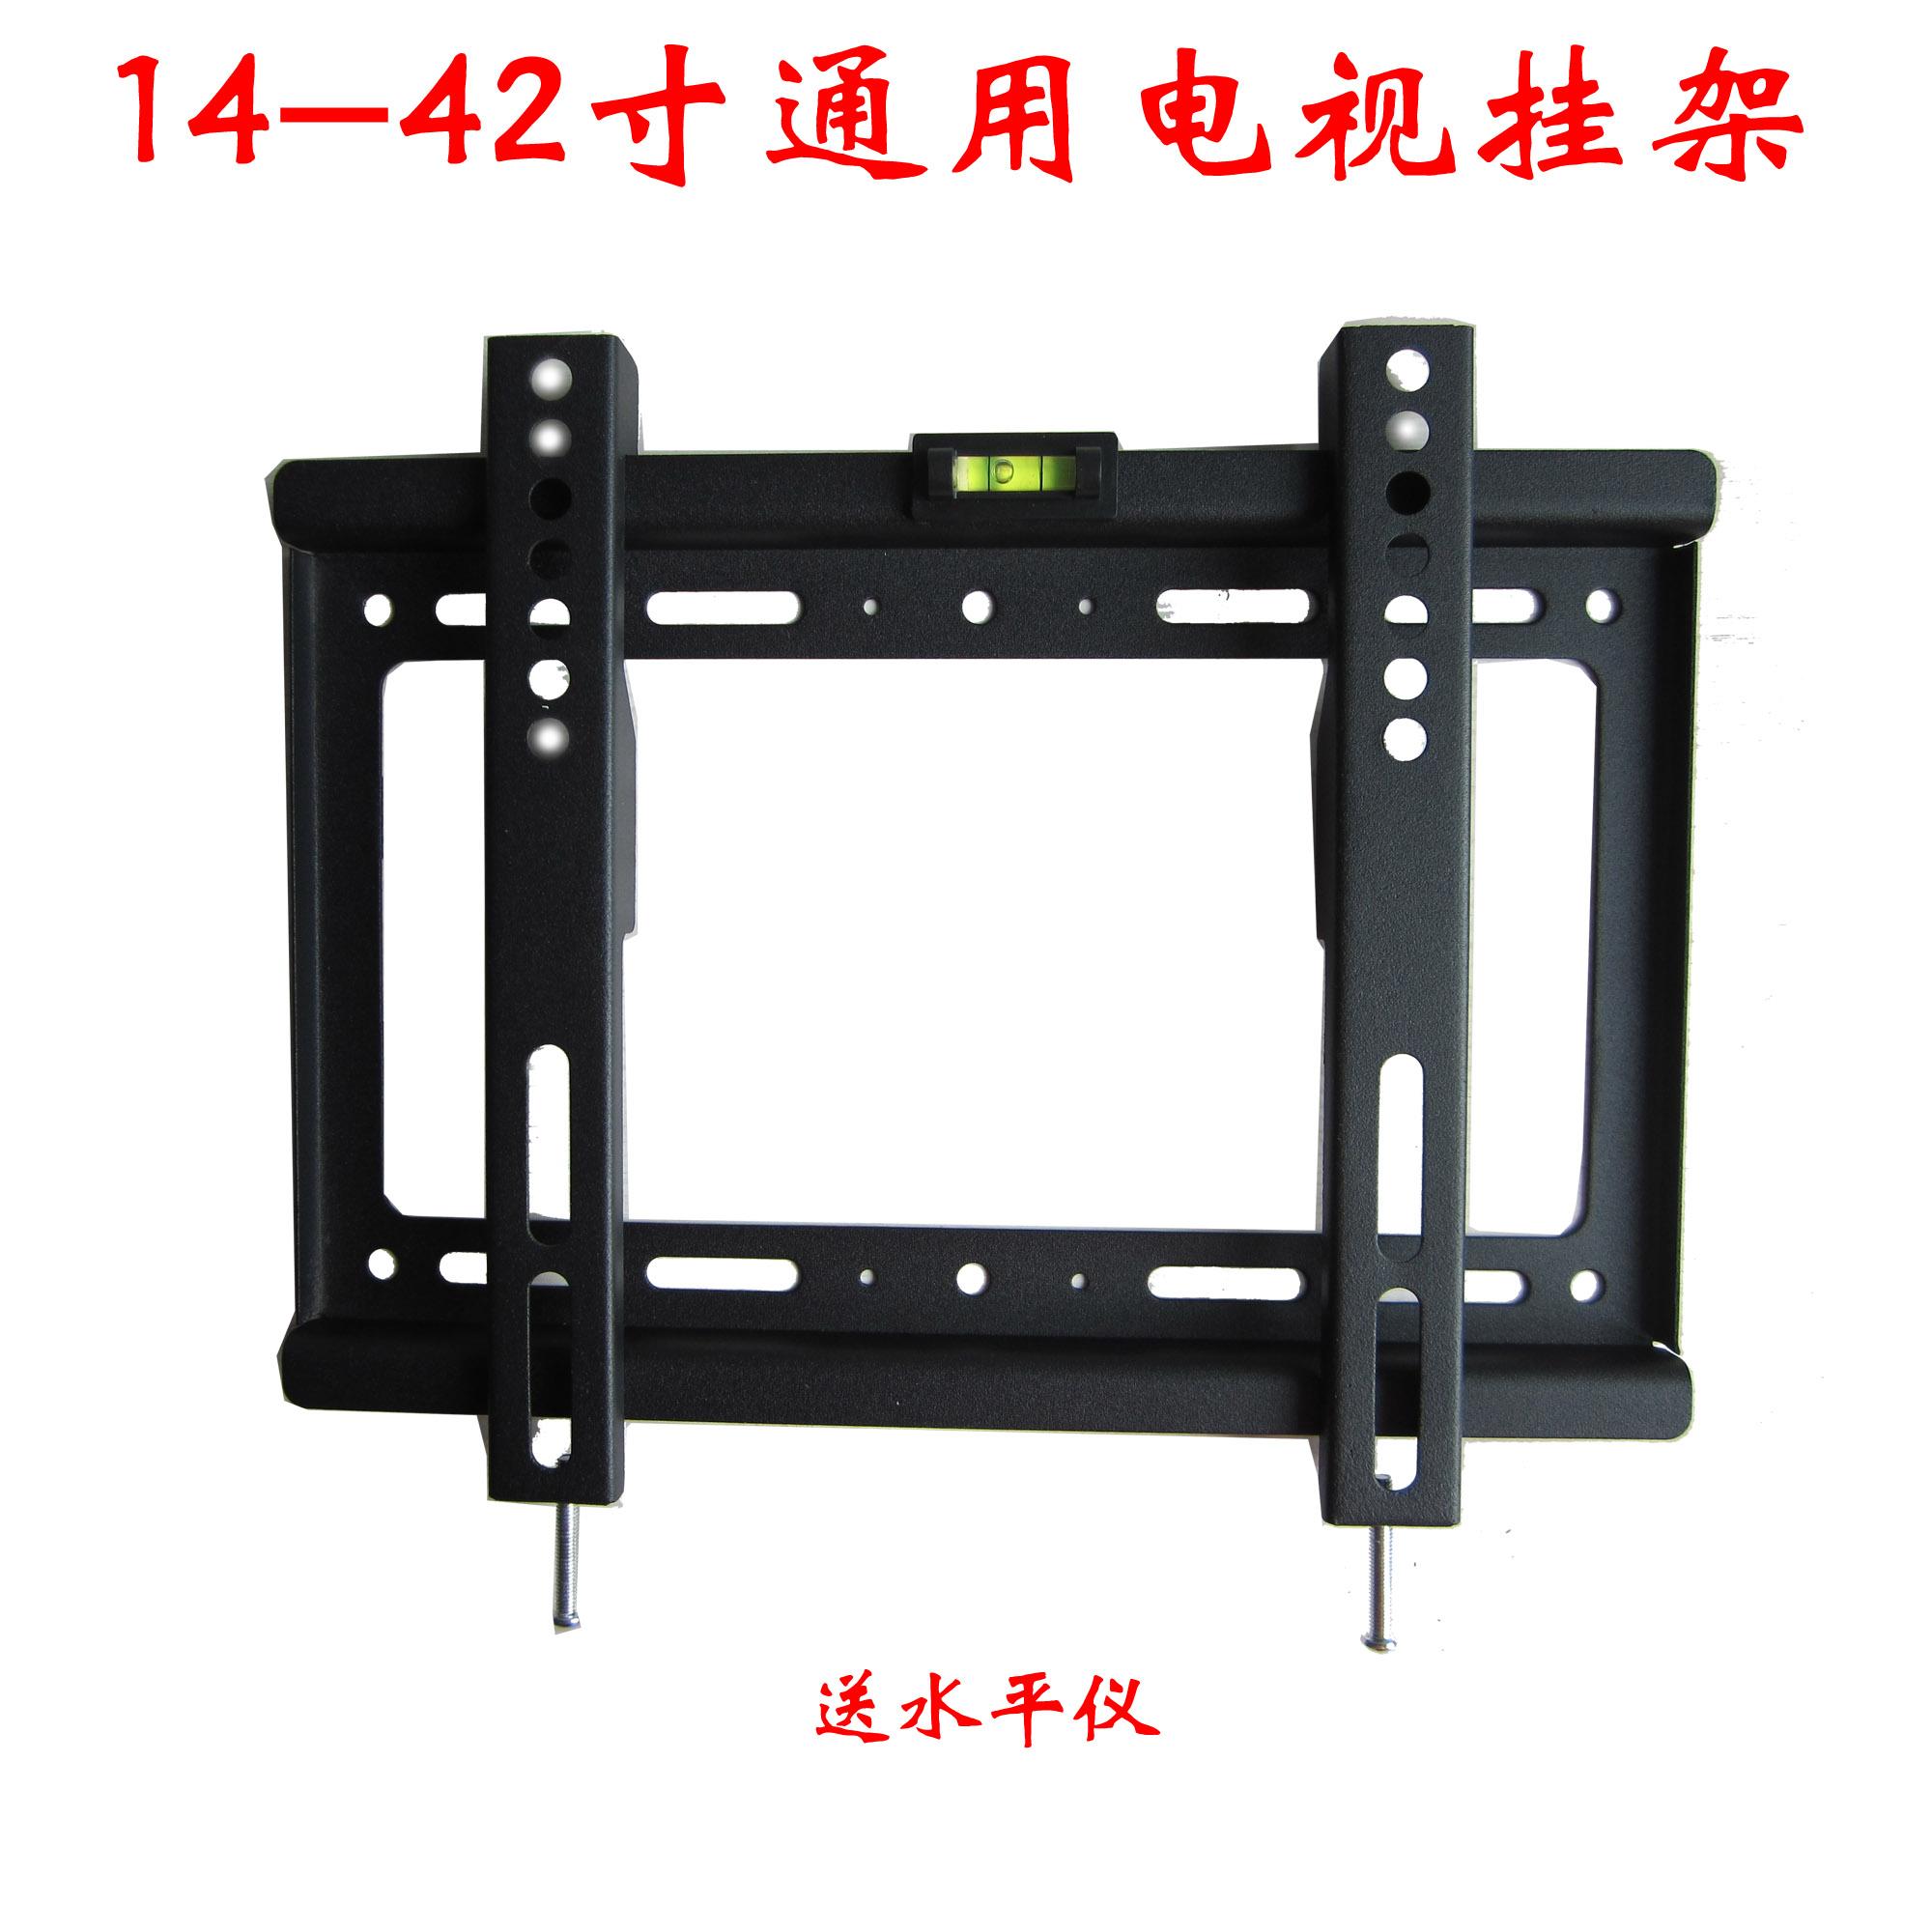 14|32|42|50|55寸 一體整板液晶電視 LCD支架 LED電視壁掛架